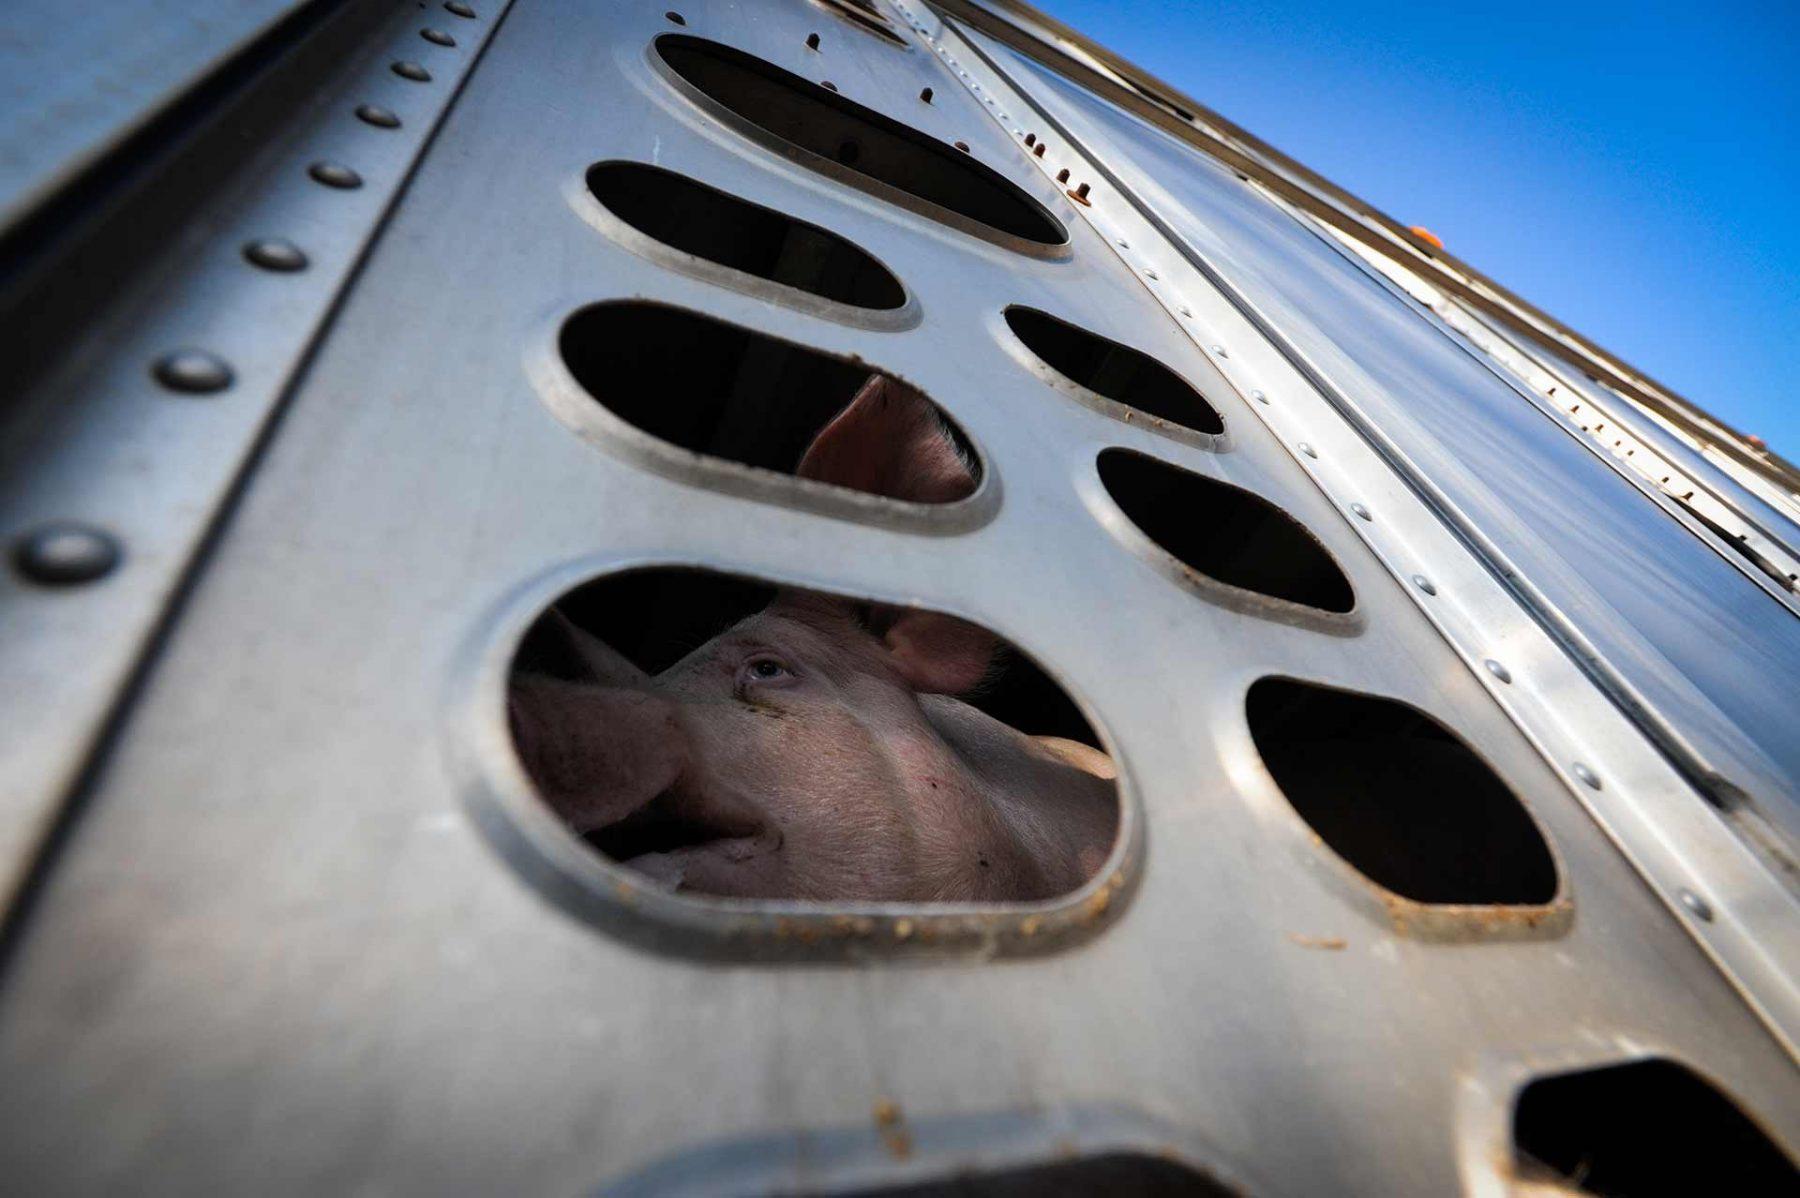 The Cruellest Sky. Pig in Transport. Canada, 2012